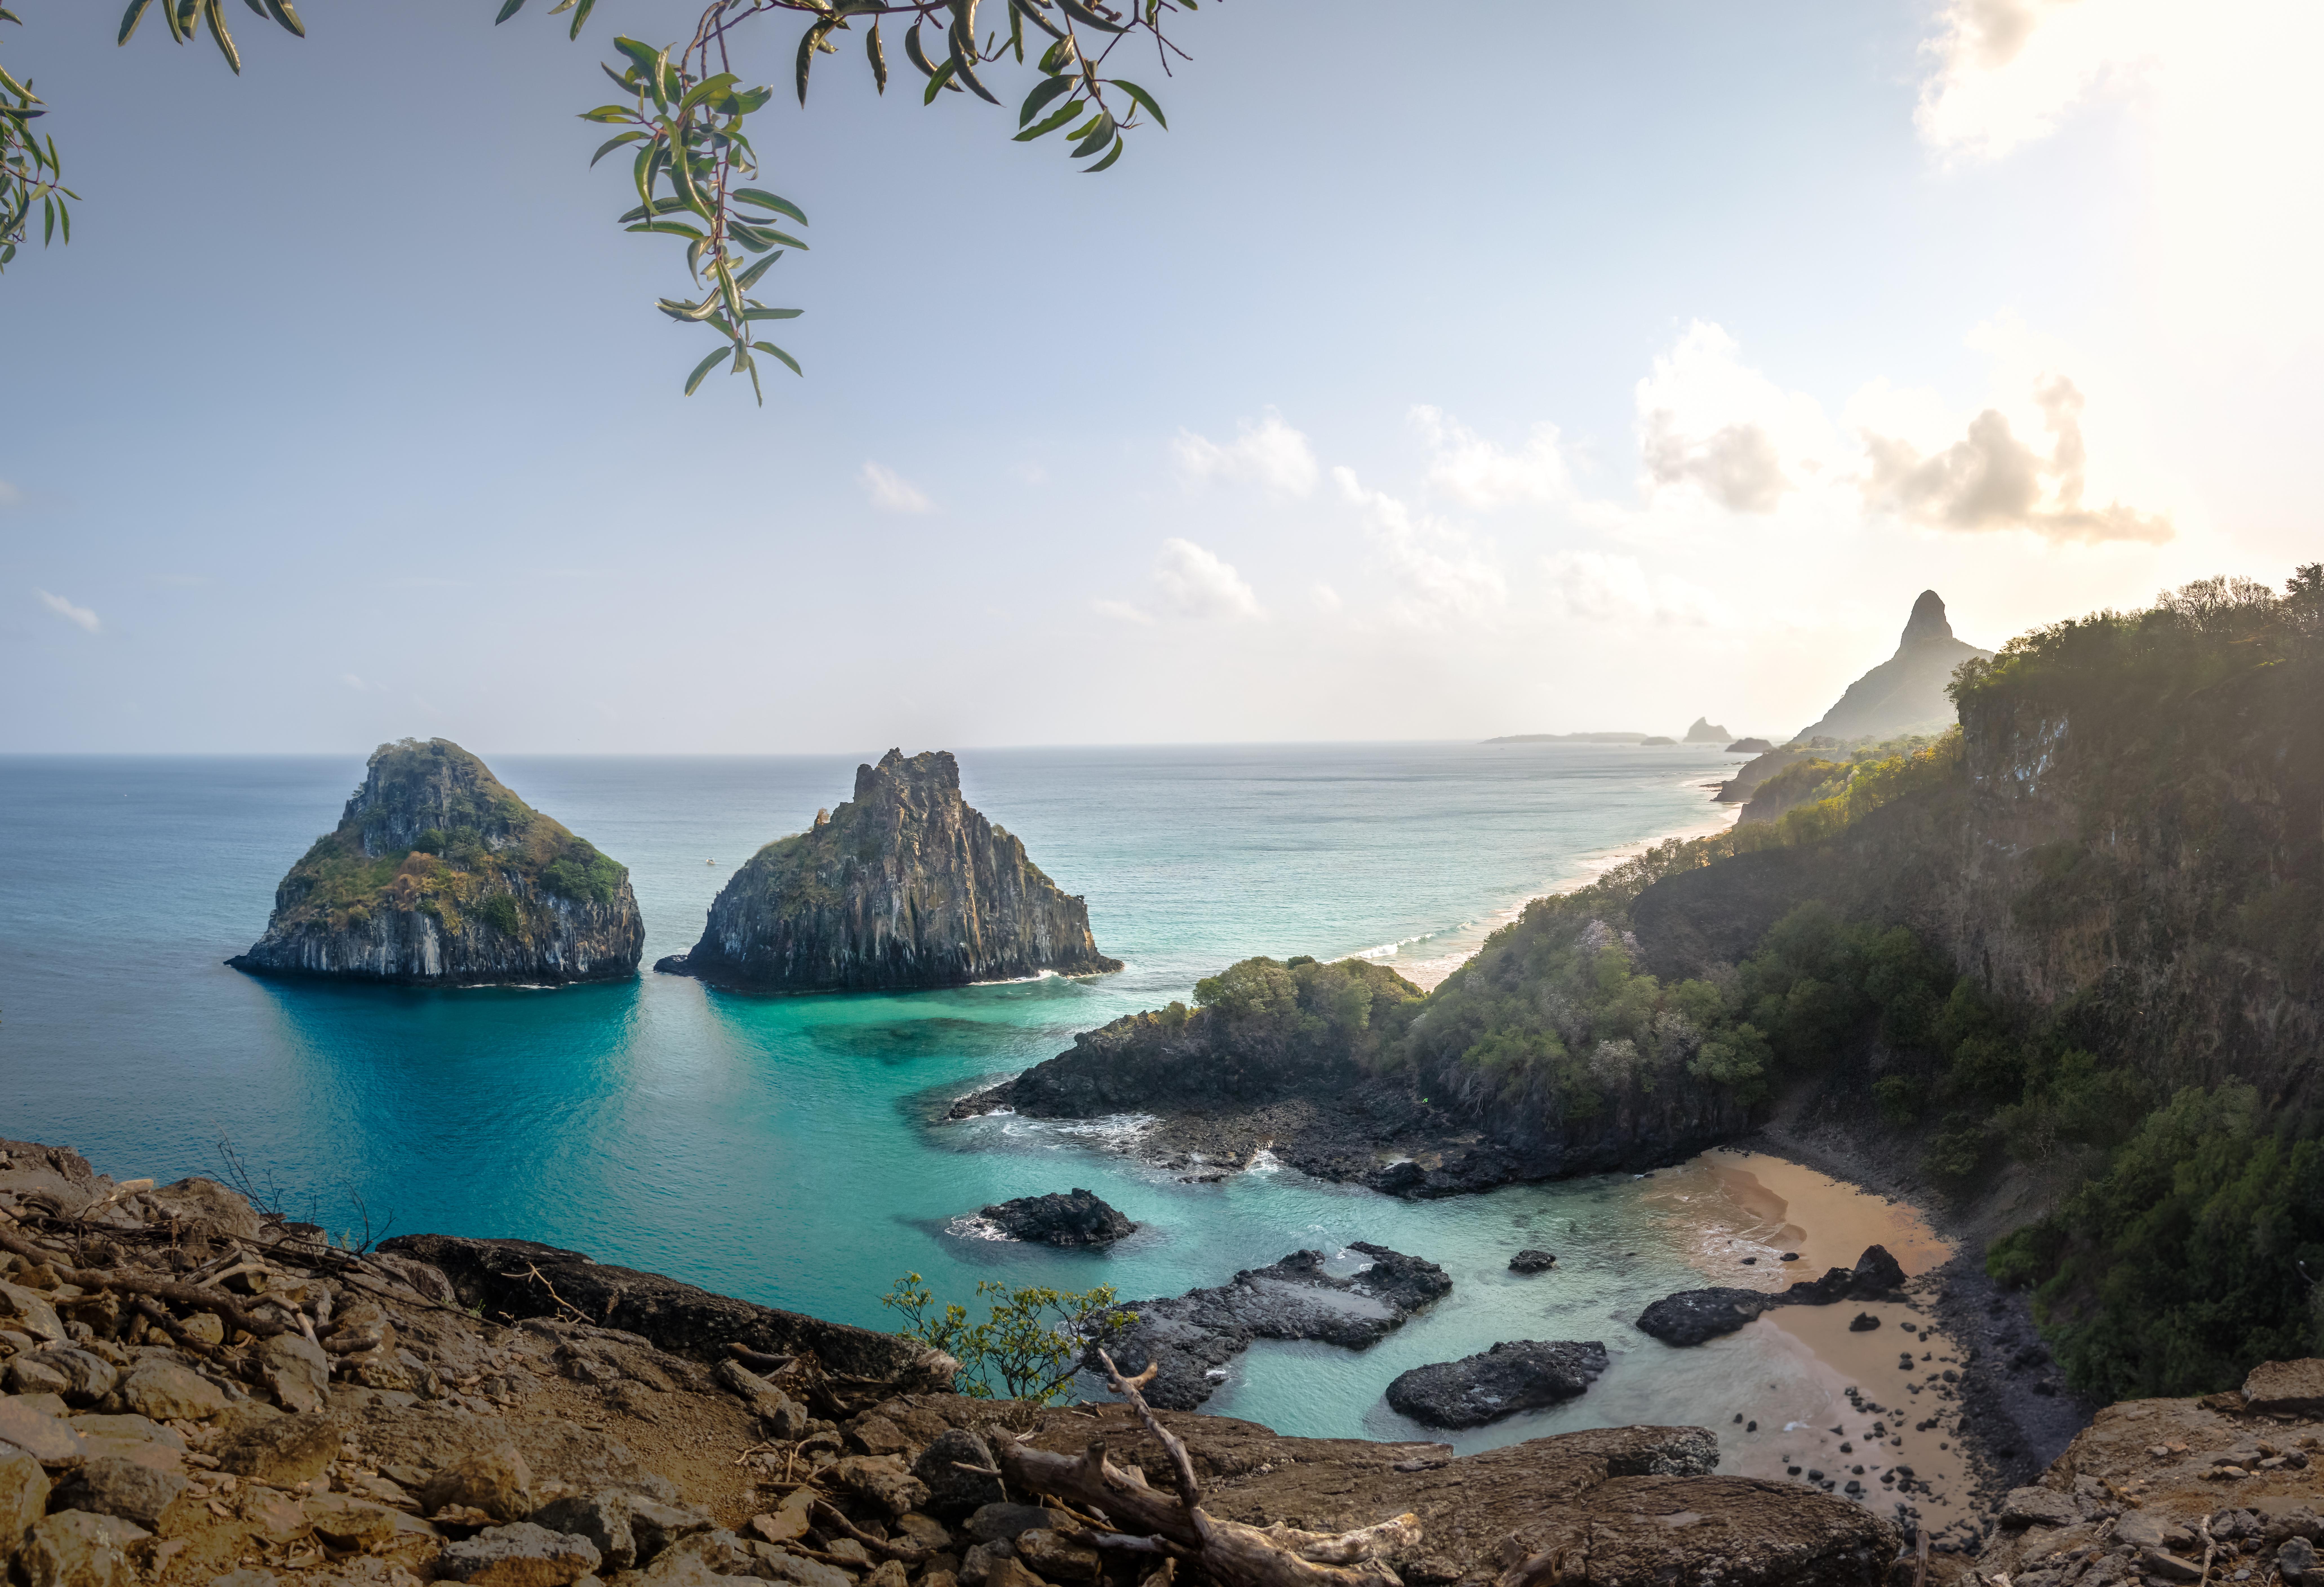 Escondido en el archipiélago de Fernando de Noronha está Baía Dos Porcos, también conocida como la